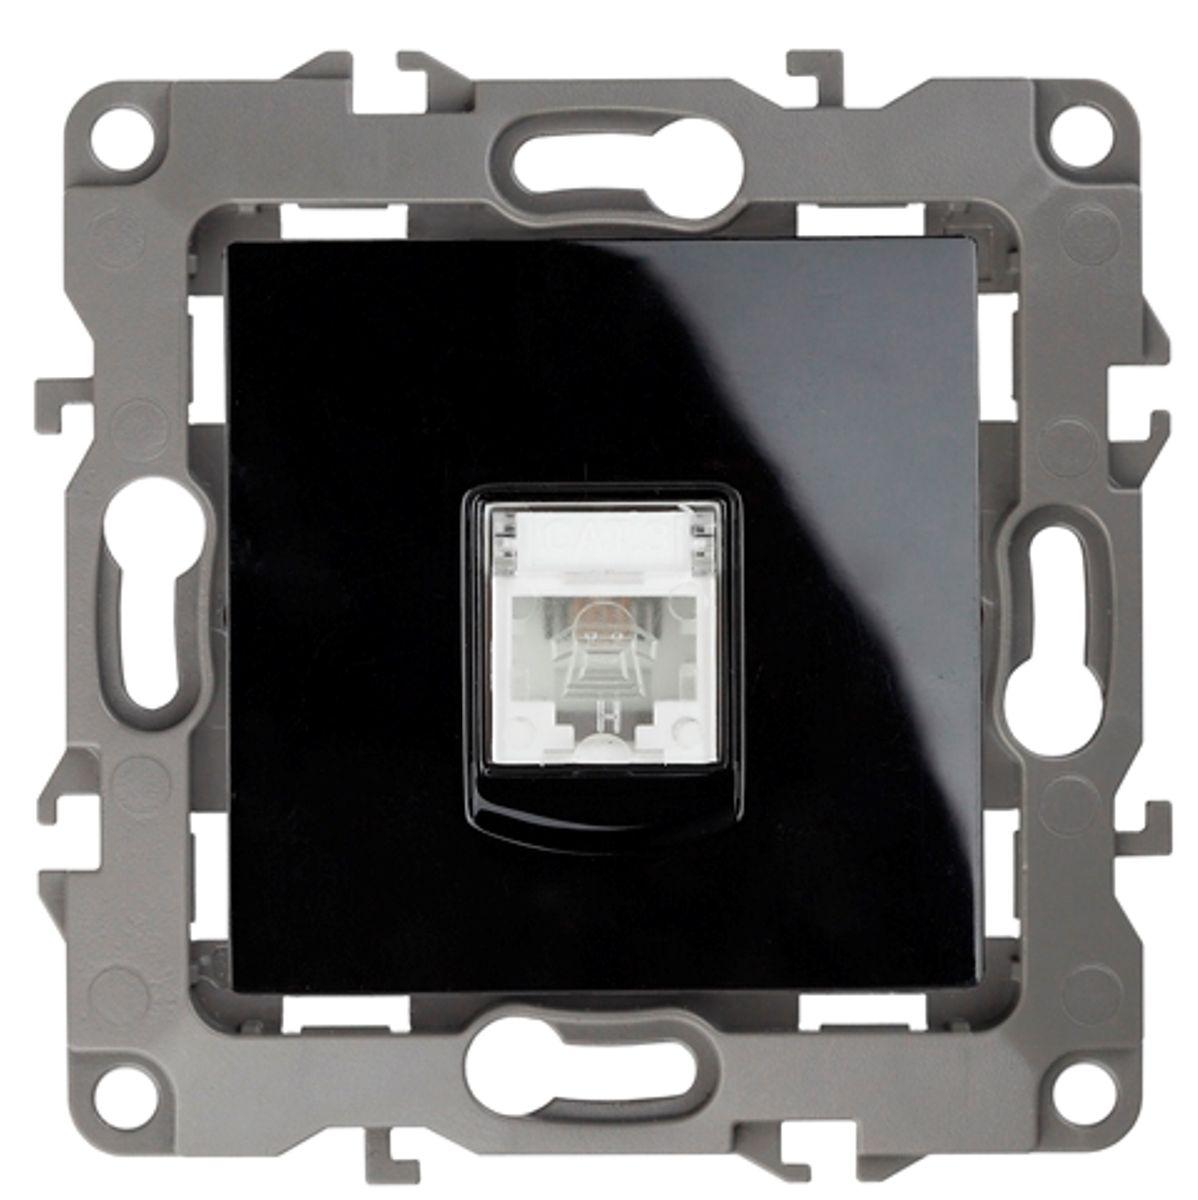 Розетка телефонная Эра, цвет: черный12-3105-06Телефонная розетка Эра скрытой установки, изготовленная из поликарбоната, имеет бронзовые контакты и фиксаторы модулей. Она предназначена для установки в телекоммуникационных сетях и служит для подсоединения внешних устройств (телефон, факс и прочее). Автоматические зажимы кабеля обеспечивают быстрый и надежный монтаж изделия к электросети без отвертки и не требуют обслуживания в отличие от винтовых зажимов.